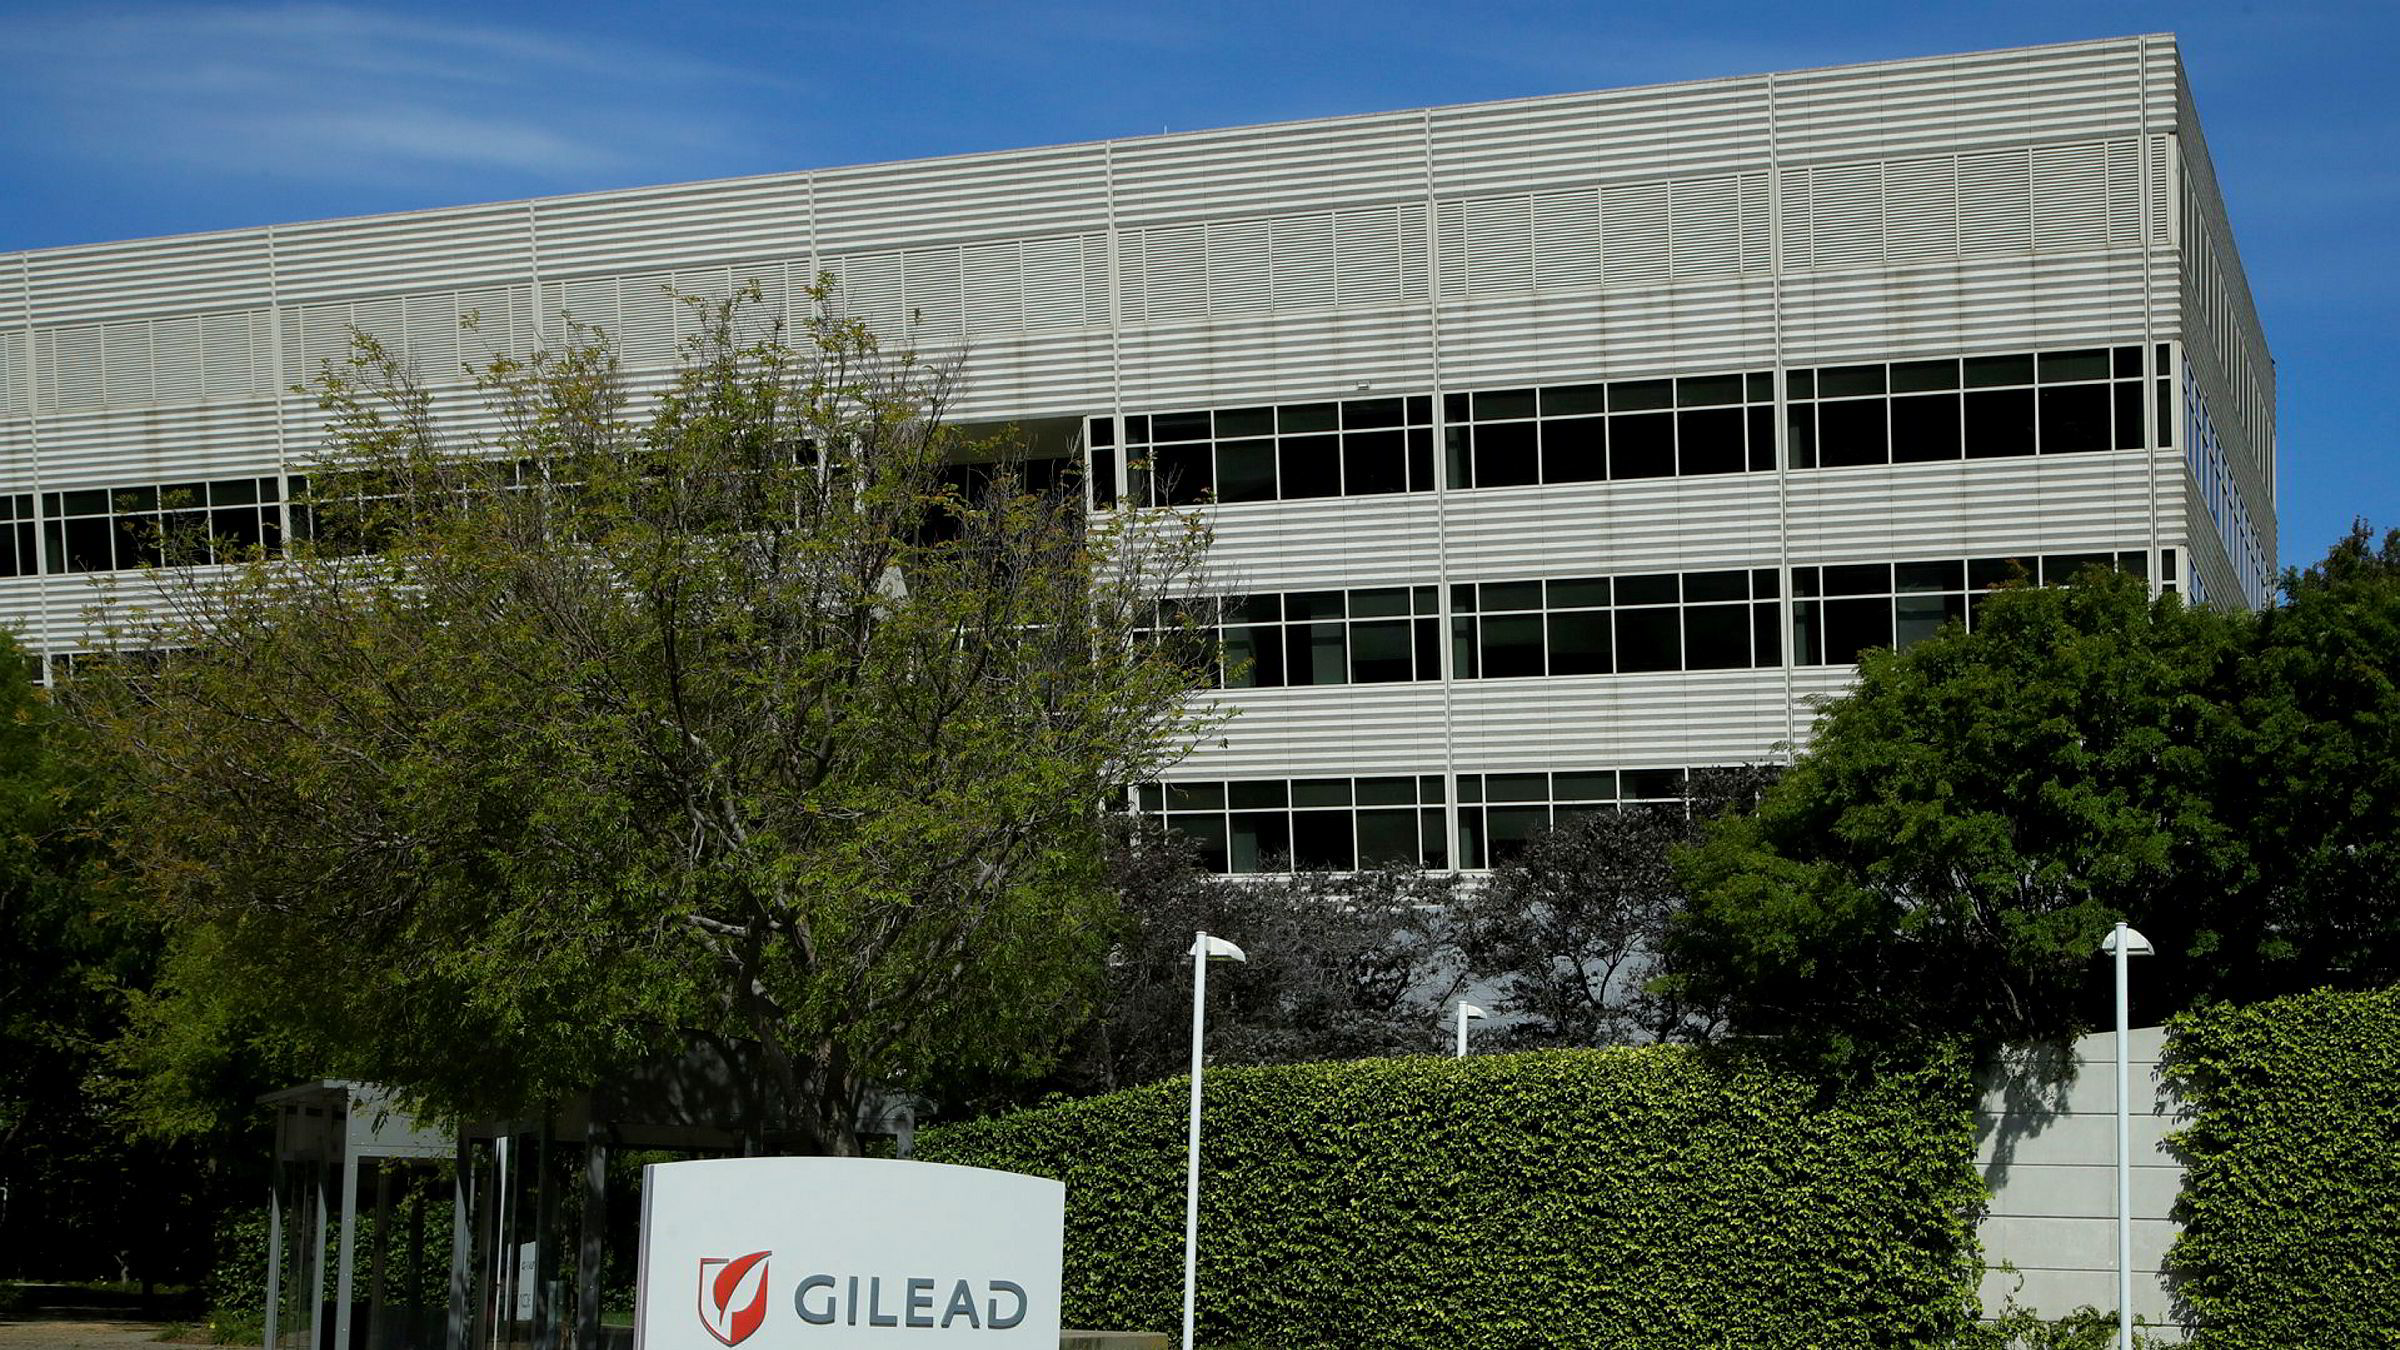 Den amerikanske legemiddelprodusenten Gilead produserer Remdesivir, som kan bli brukt til å behandle covid-19.